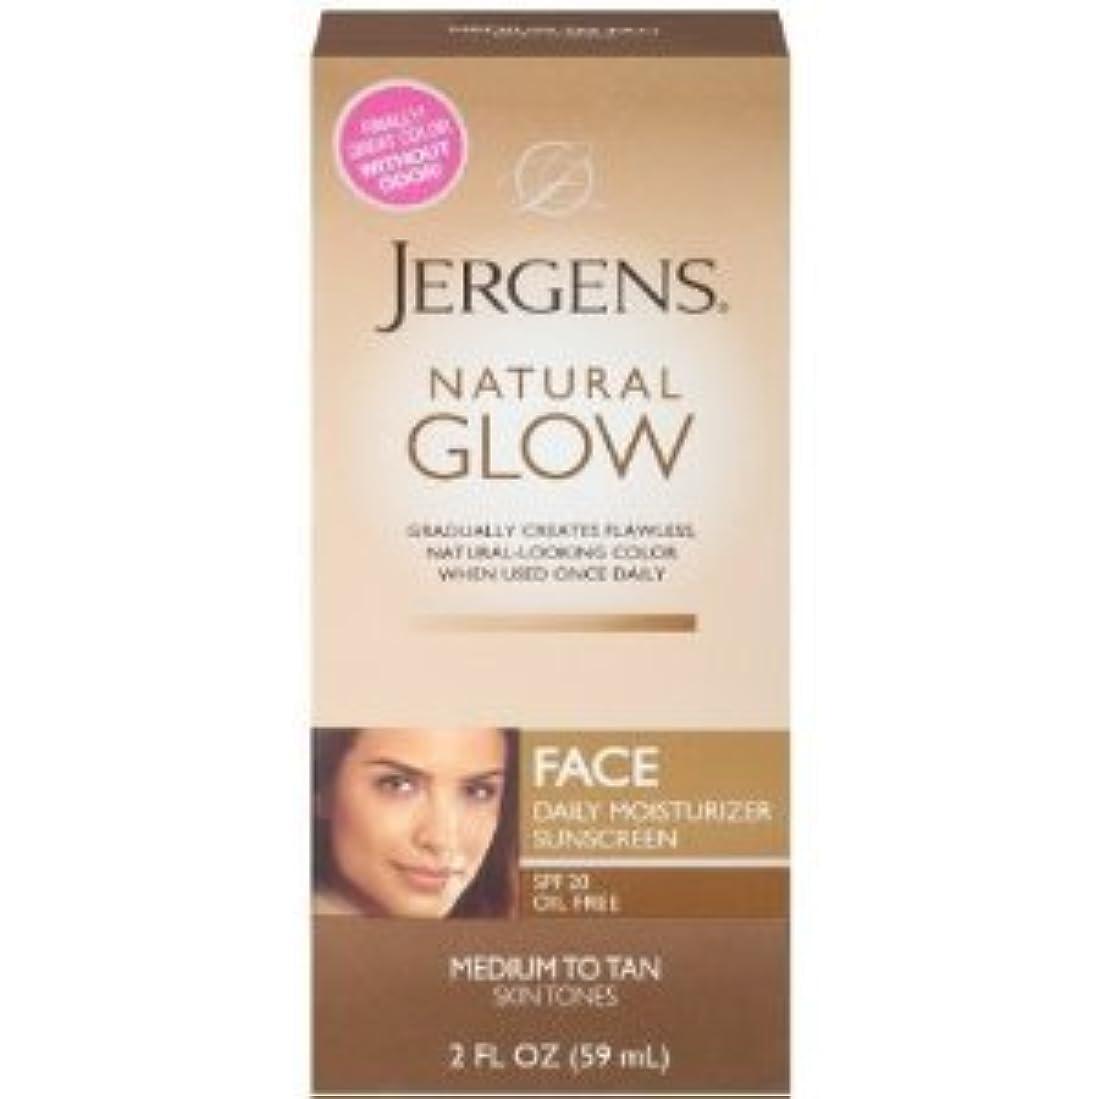 ランプ押し下げる結び目Natural Glow Healthy Complexion Daily Facial Moisturizer, SPF 20, Medium to Tan, (59ml) (海外直送品)